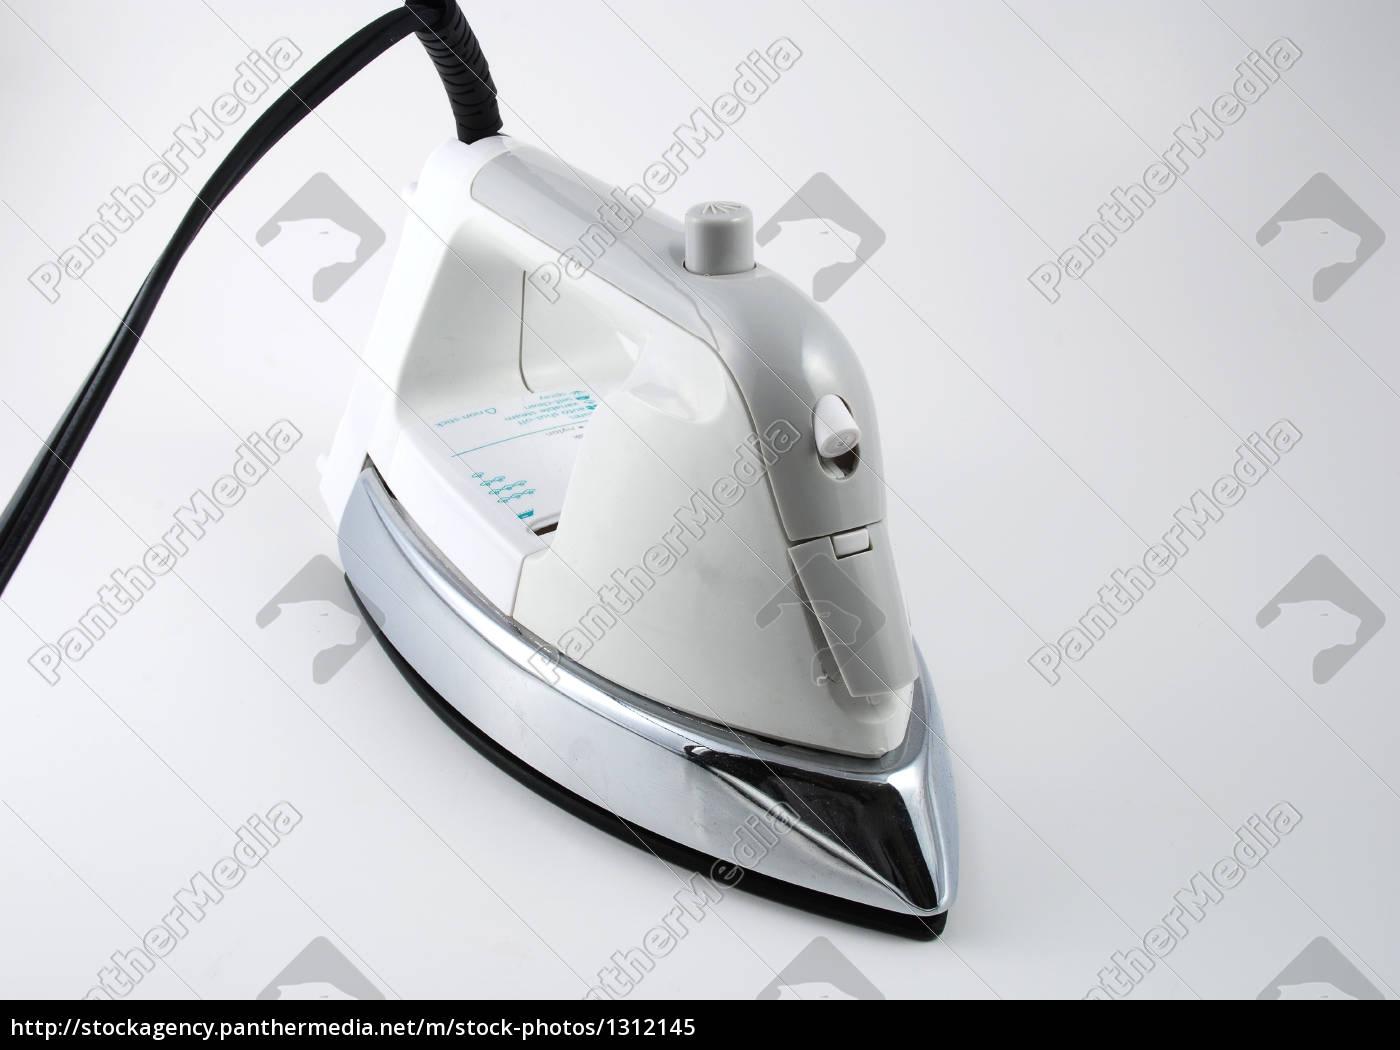 ironing - 1312145